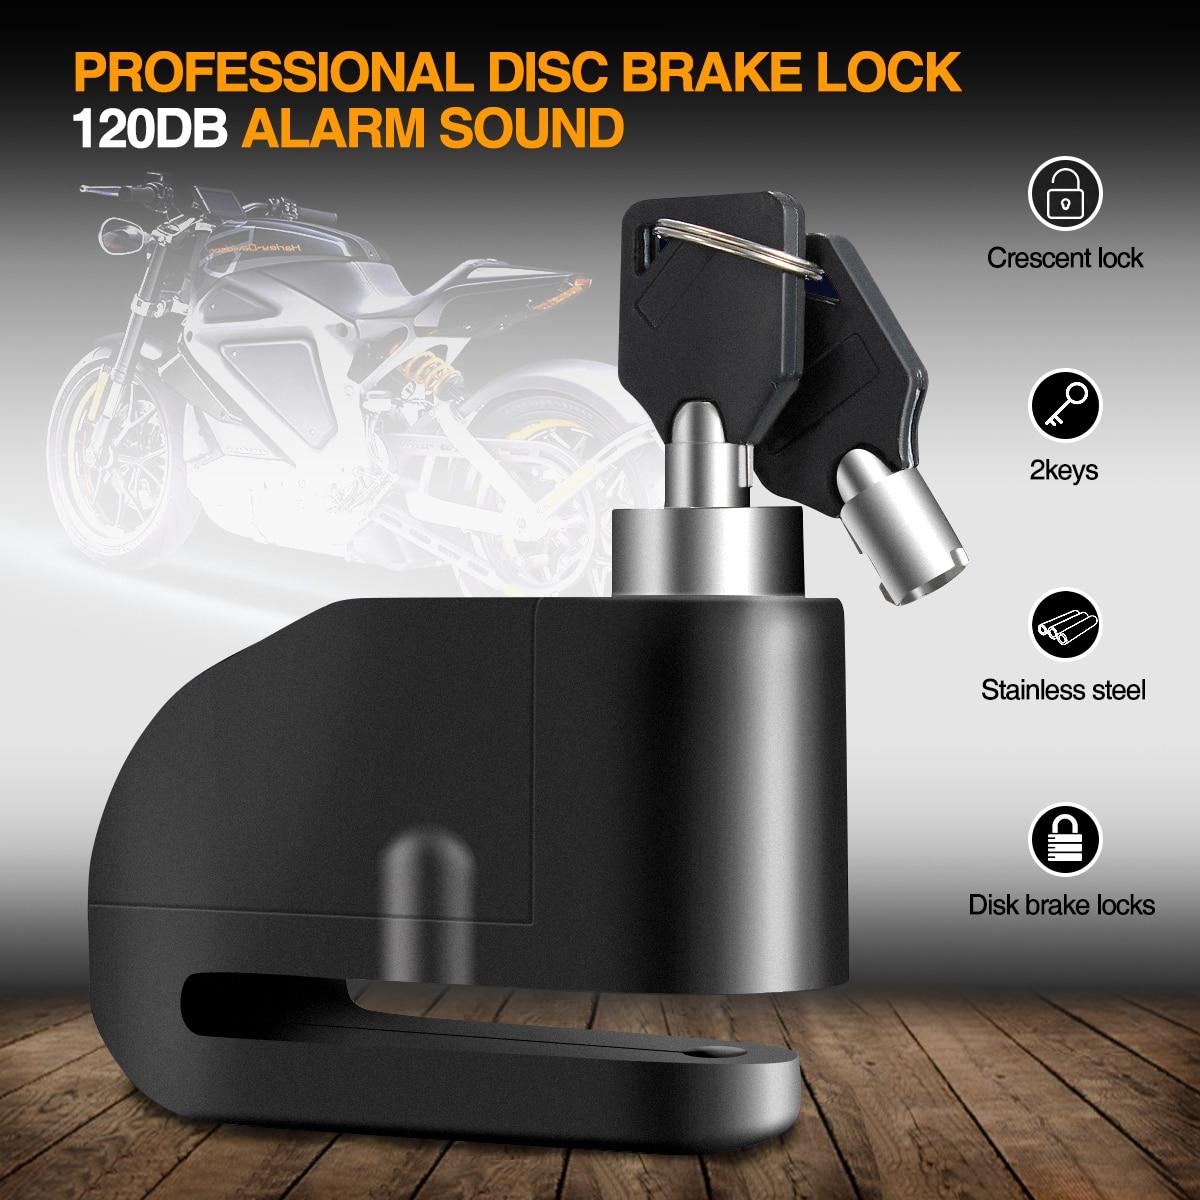 Nuevo 7mm motocicleta robusta rueda disco bloqueo seguridad antirrobo alarma